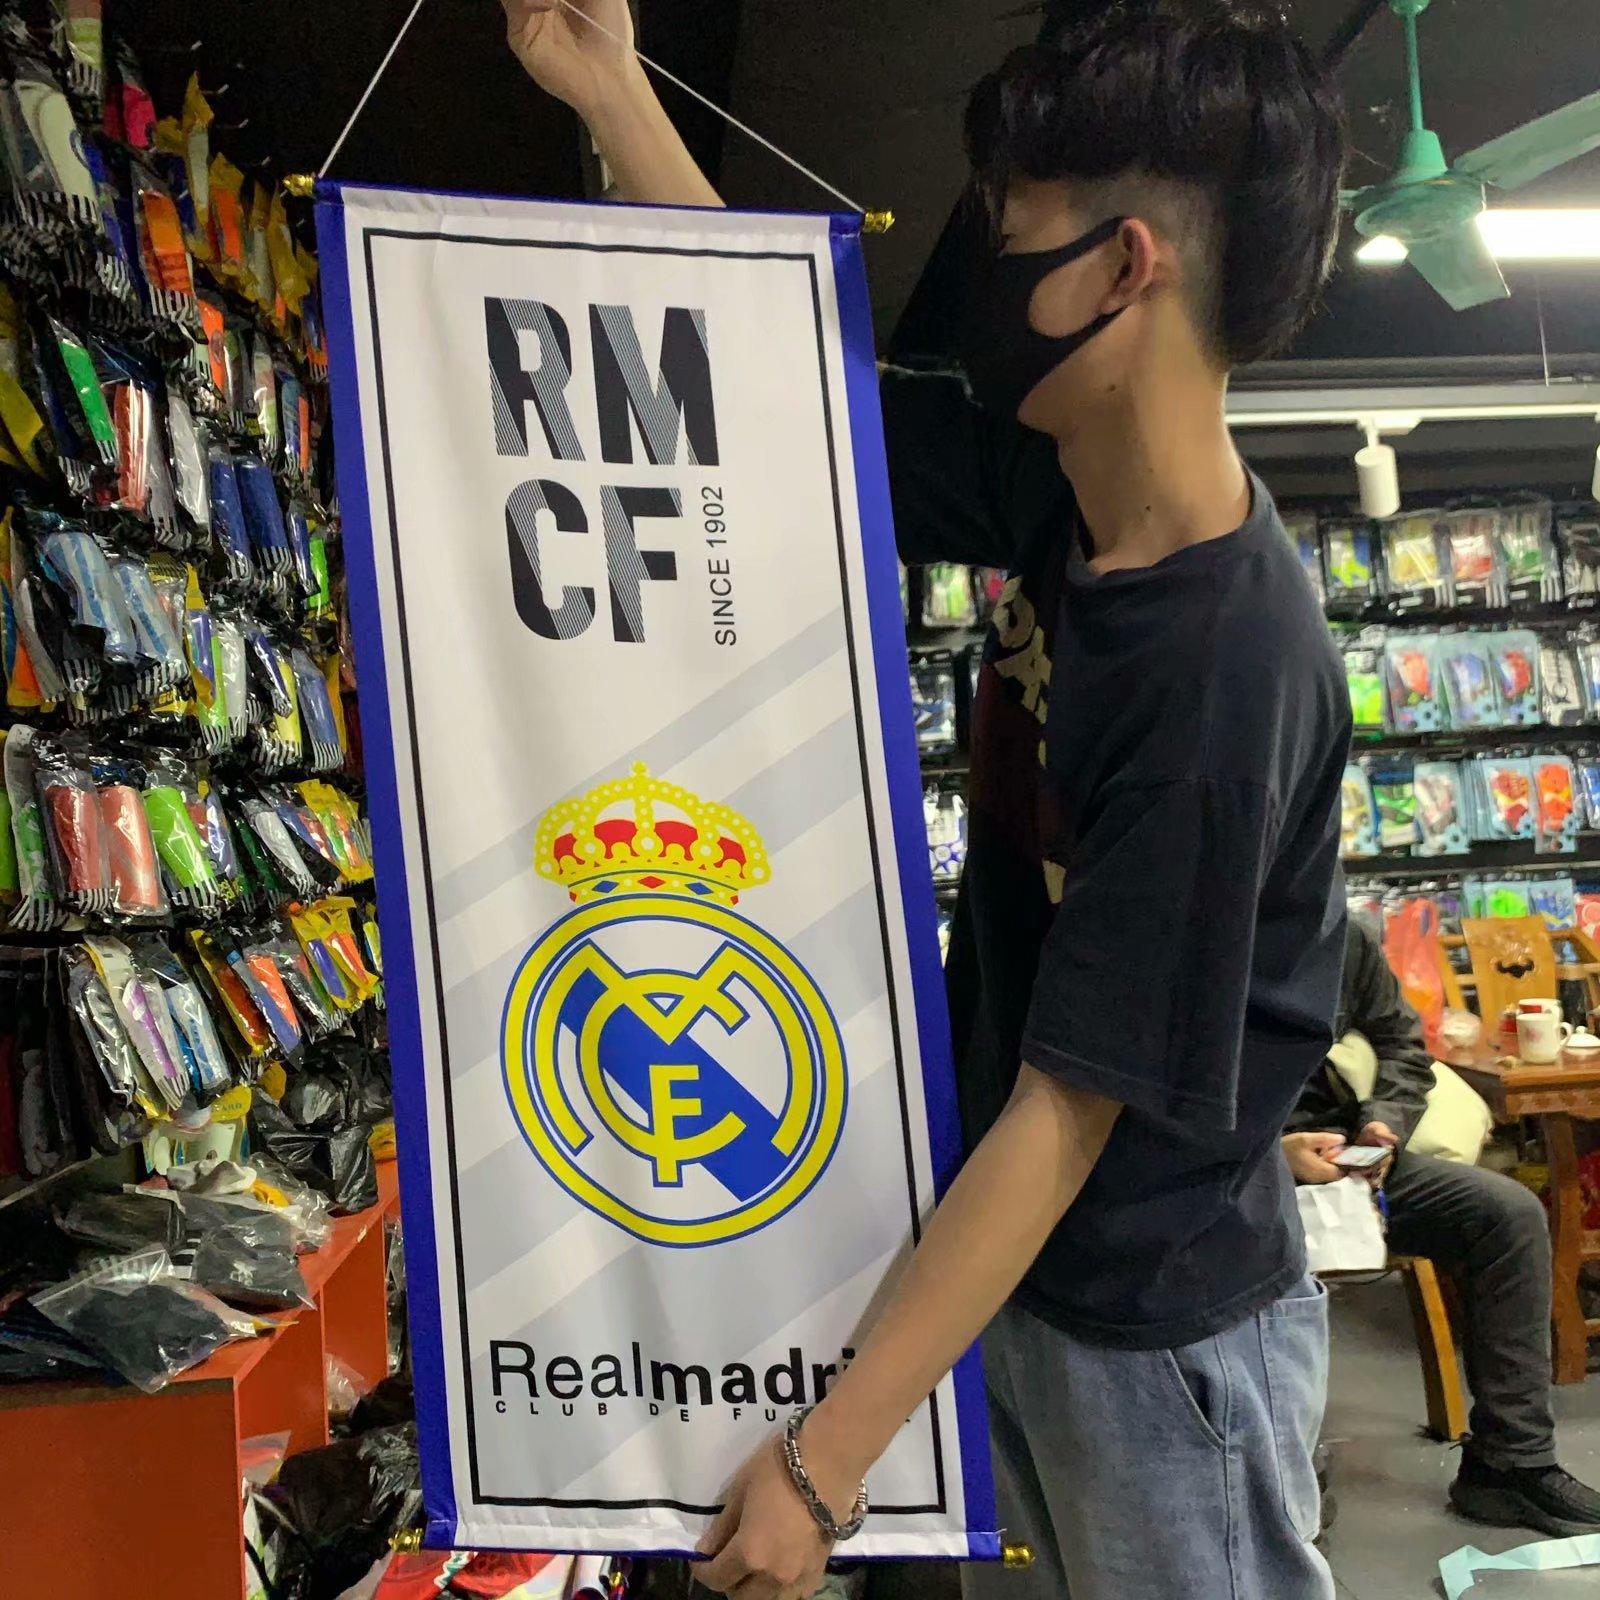 أعلام حجم 98 * 38CM تحصيل مشجعي كرة القدم الأعلام الأعلام لكرة القدم هدية لريال مدريد هانغ كرة القدم لكرة القدم المشجعين الأوشحة زينة